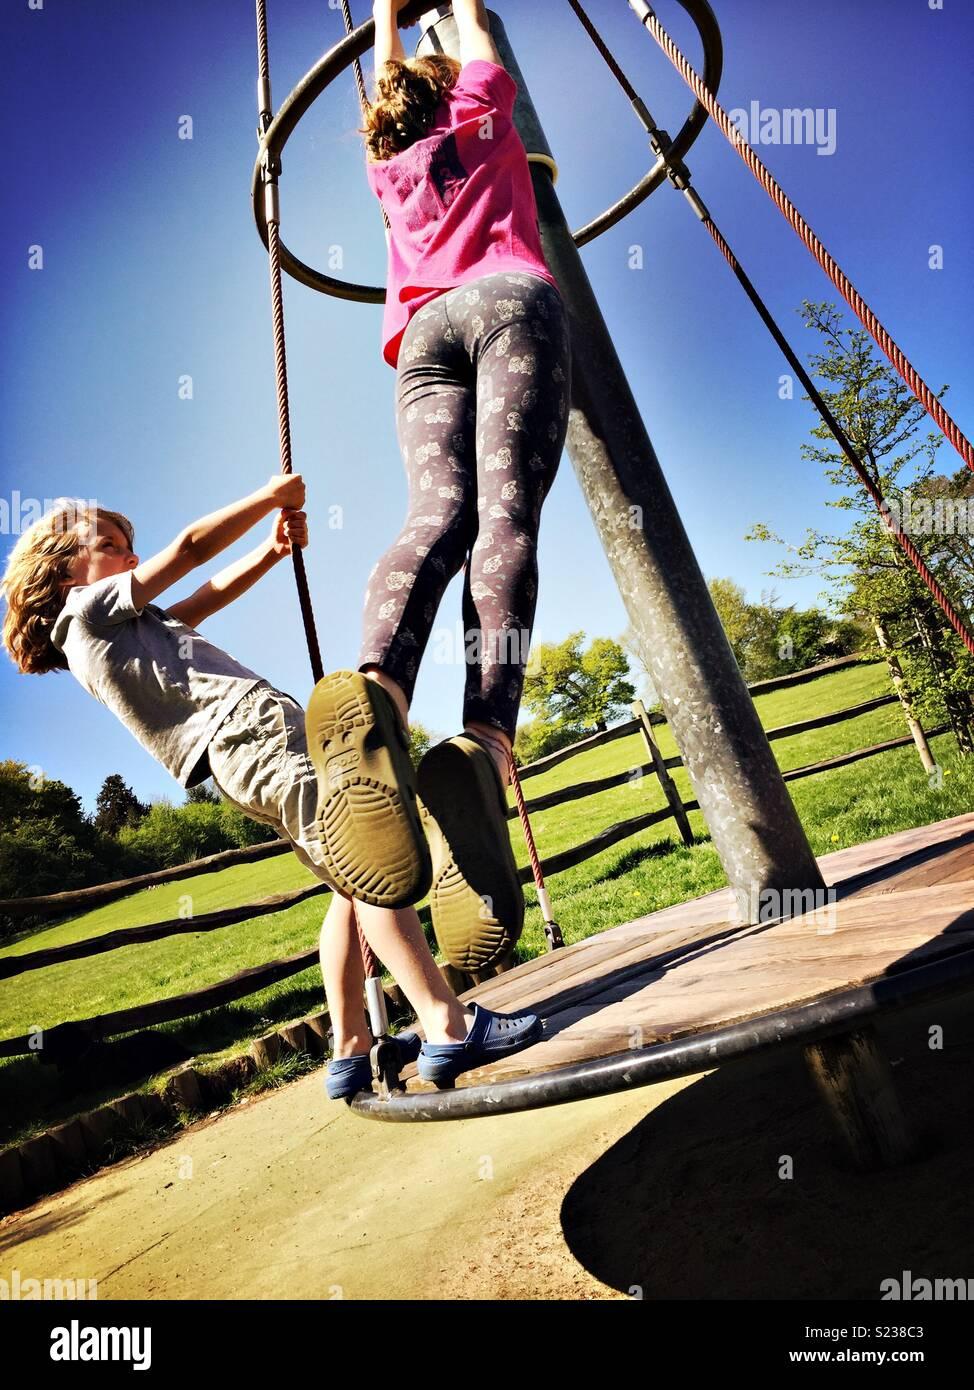 Les enfants jouent dans le parc. Photo d'action Banque D'Images